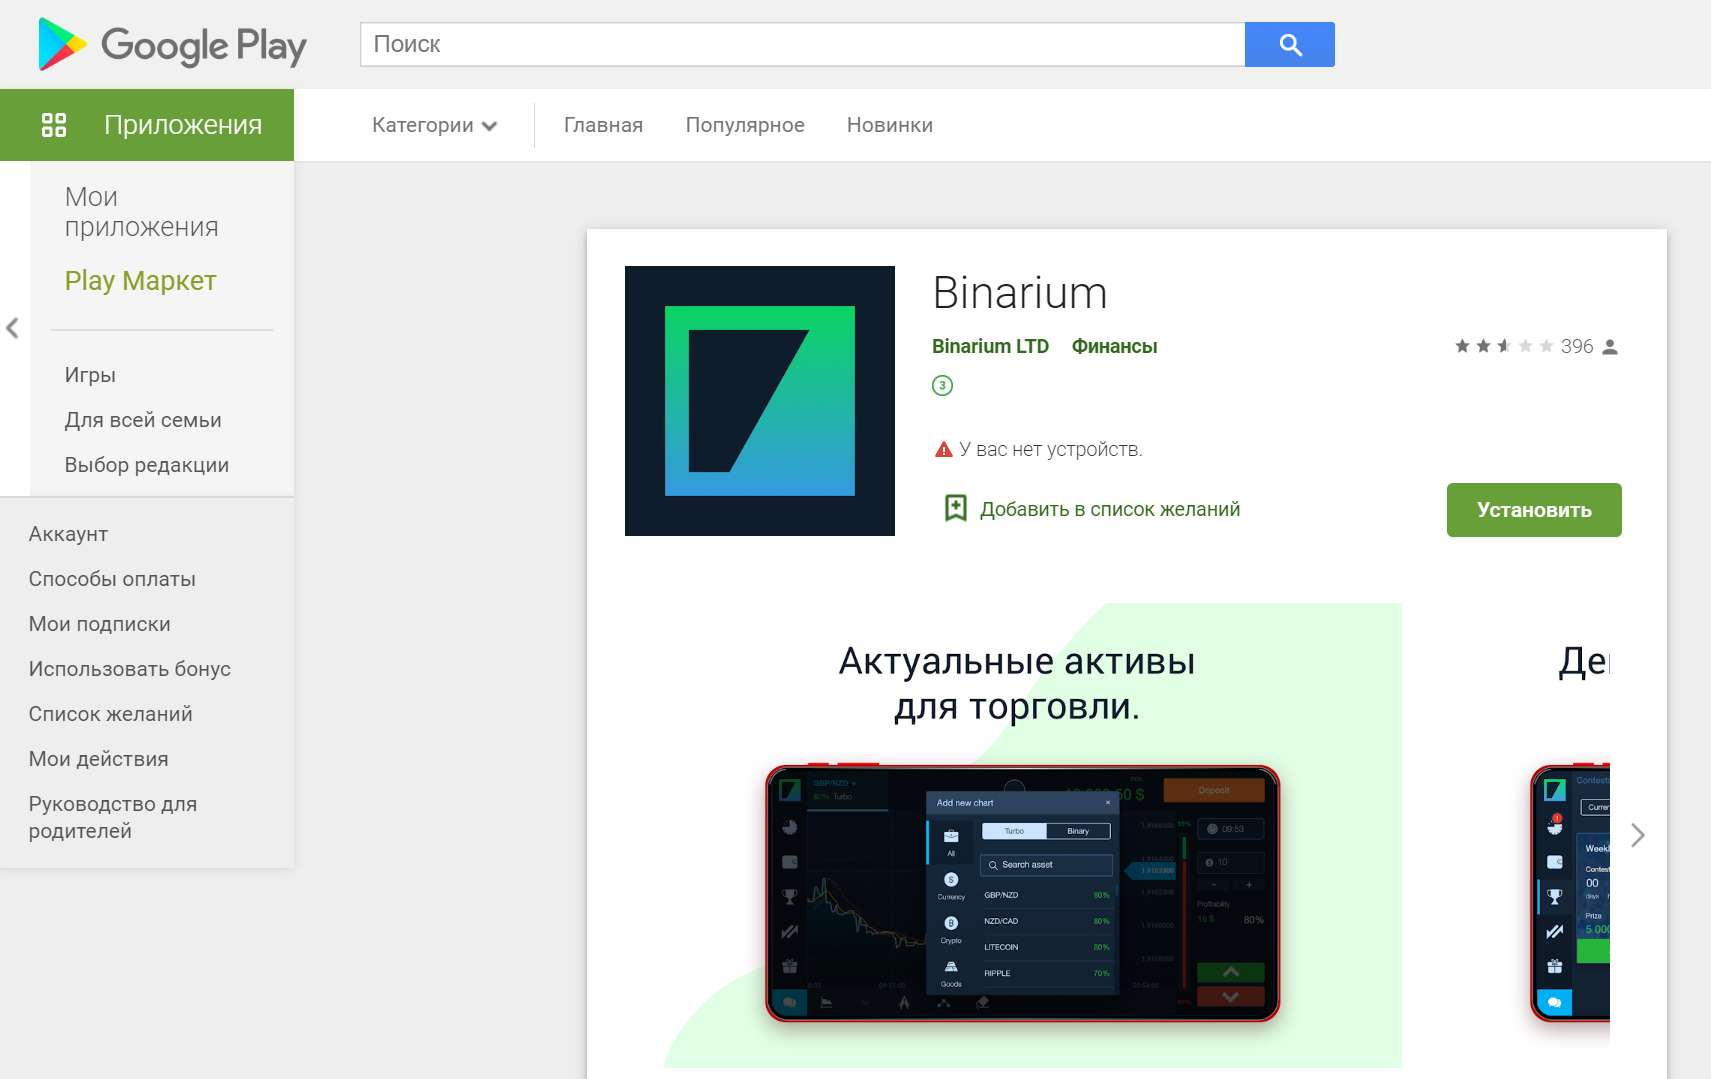 Стоит ли начинать трейдинг с платформой Binarium? Конечно да!